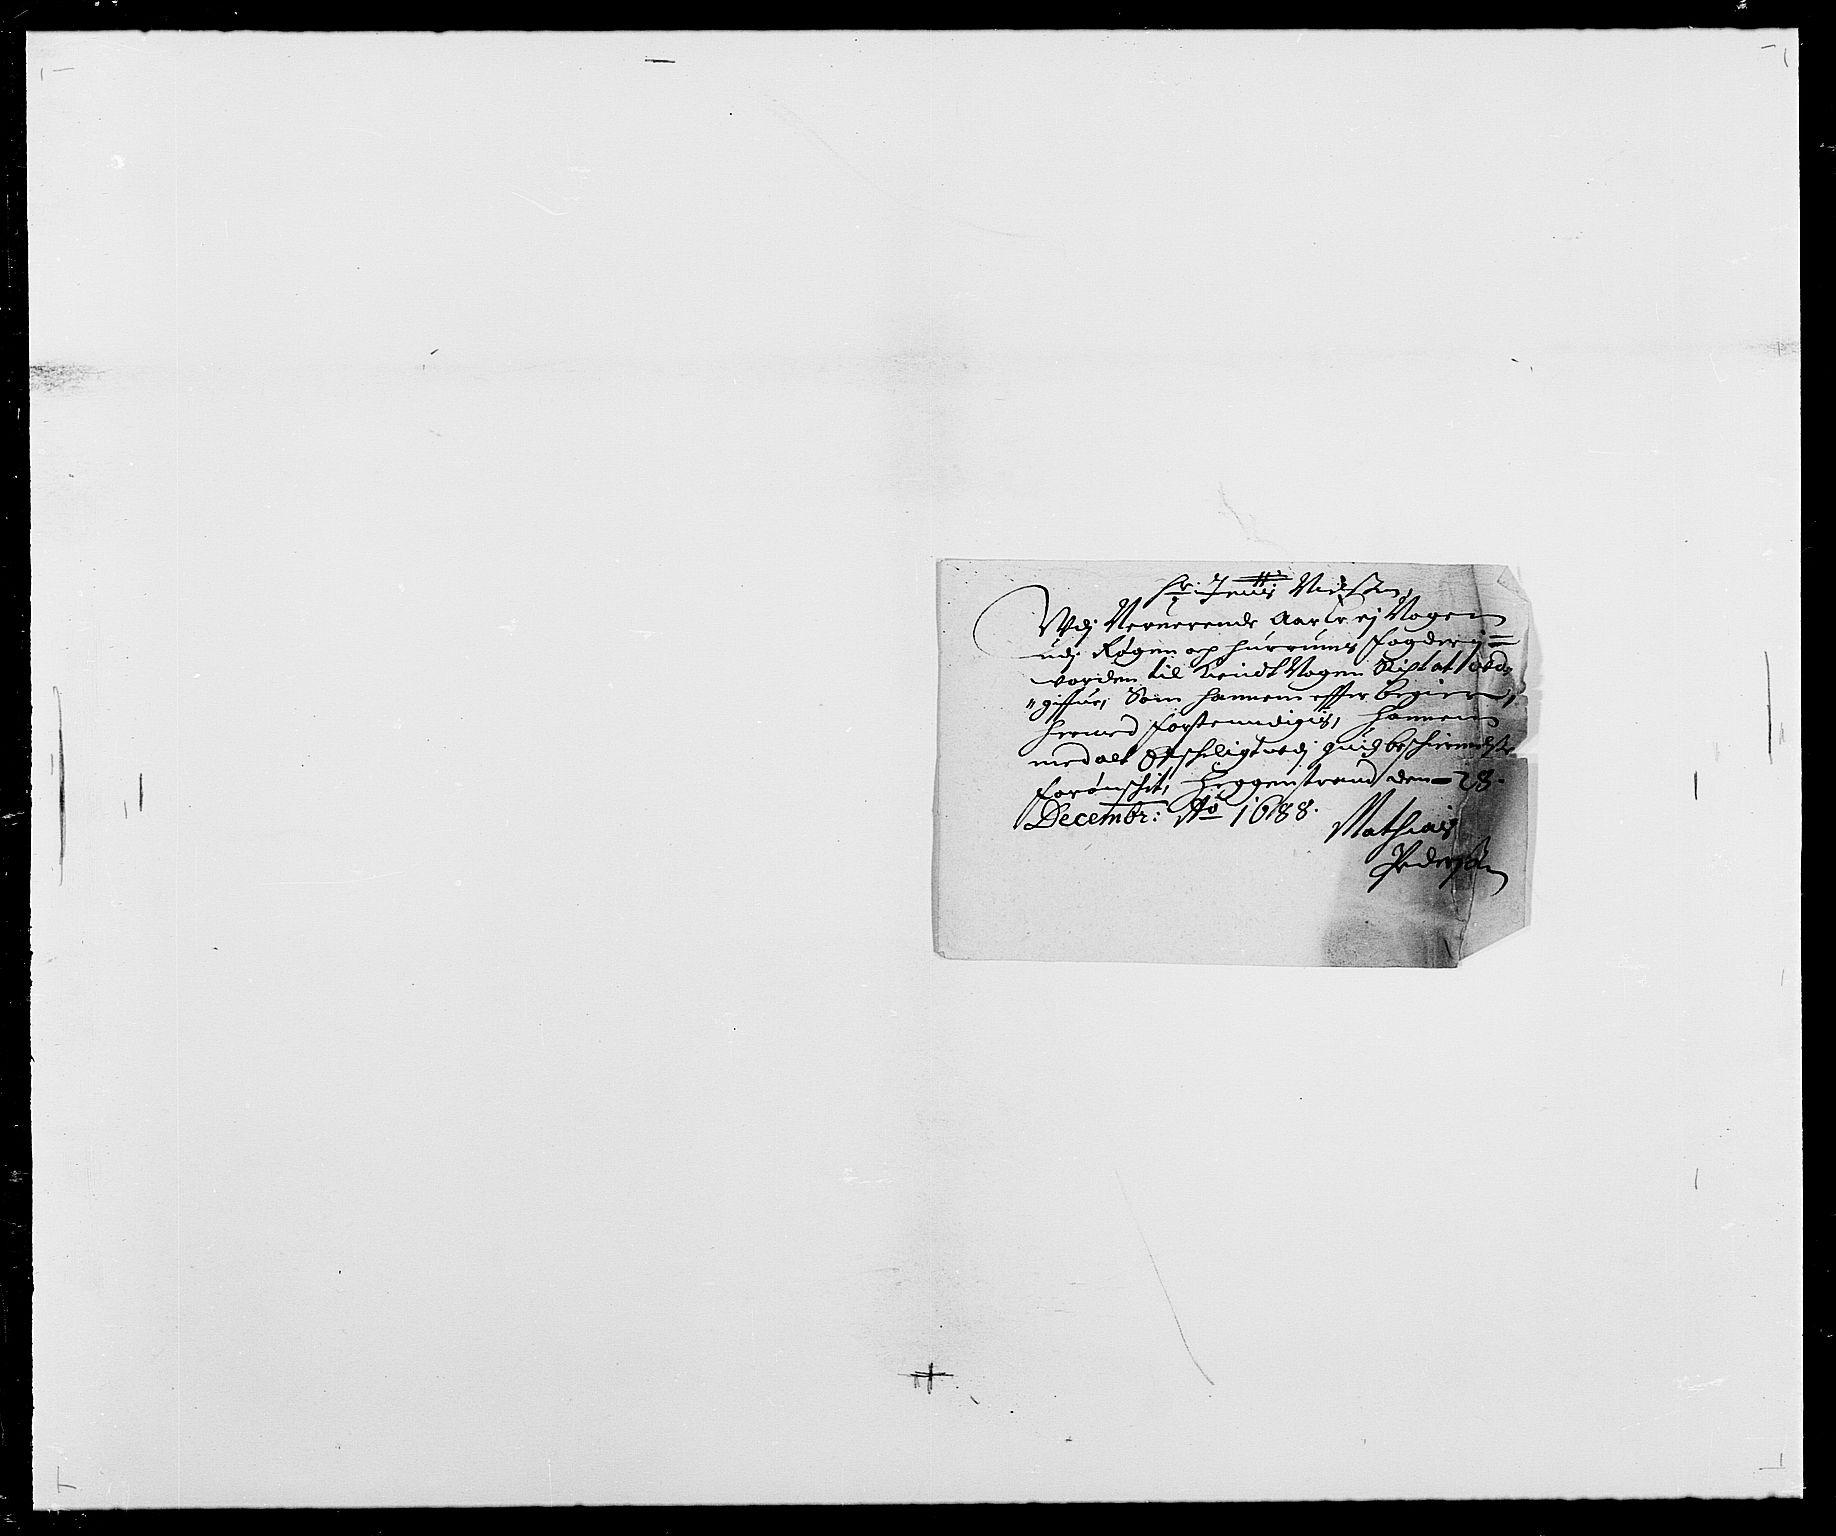 RA, Rentekammeret inntil 1814, Reviderte regnskaper, Fogderegnskap, R29/L1693: Fogderegnskap Hurum og Røyken, 1688-1693, s. 31